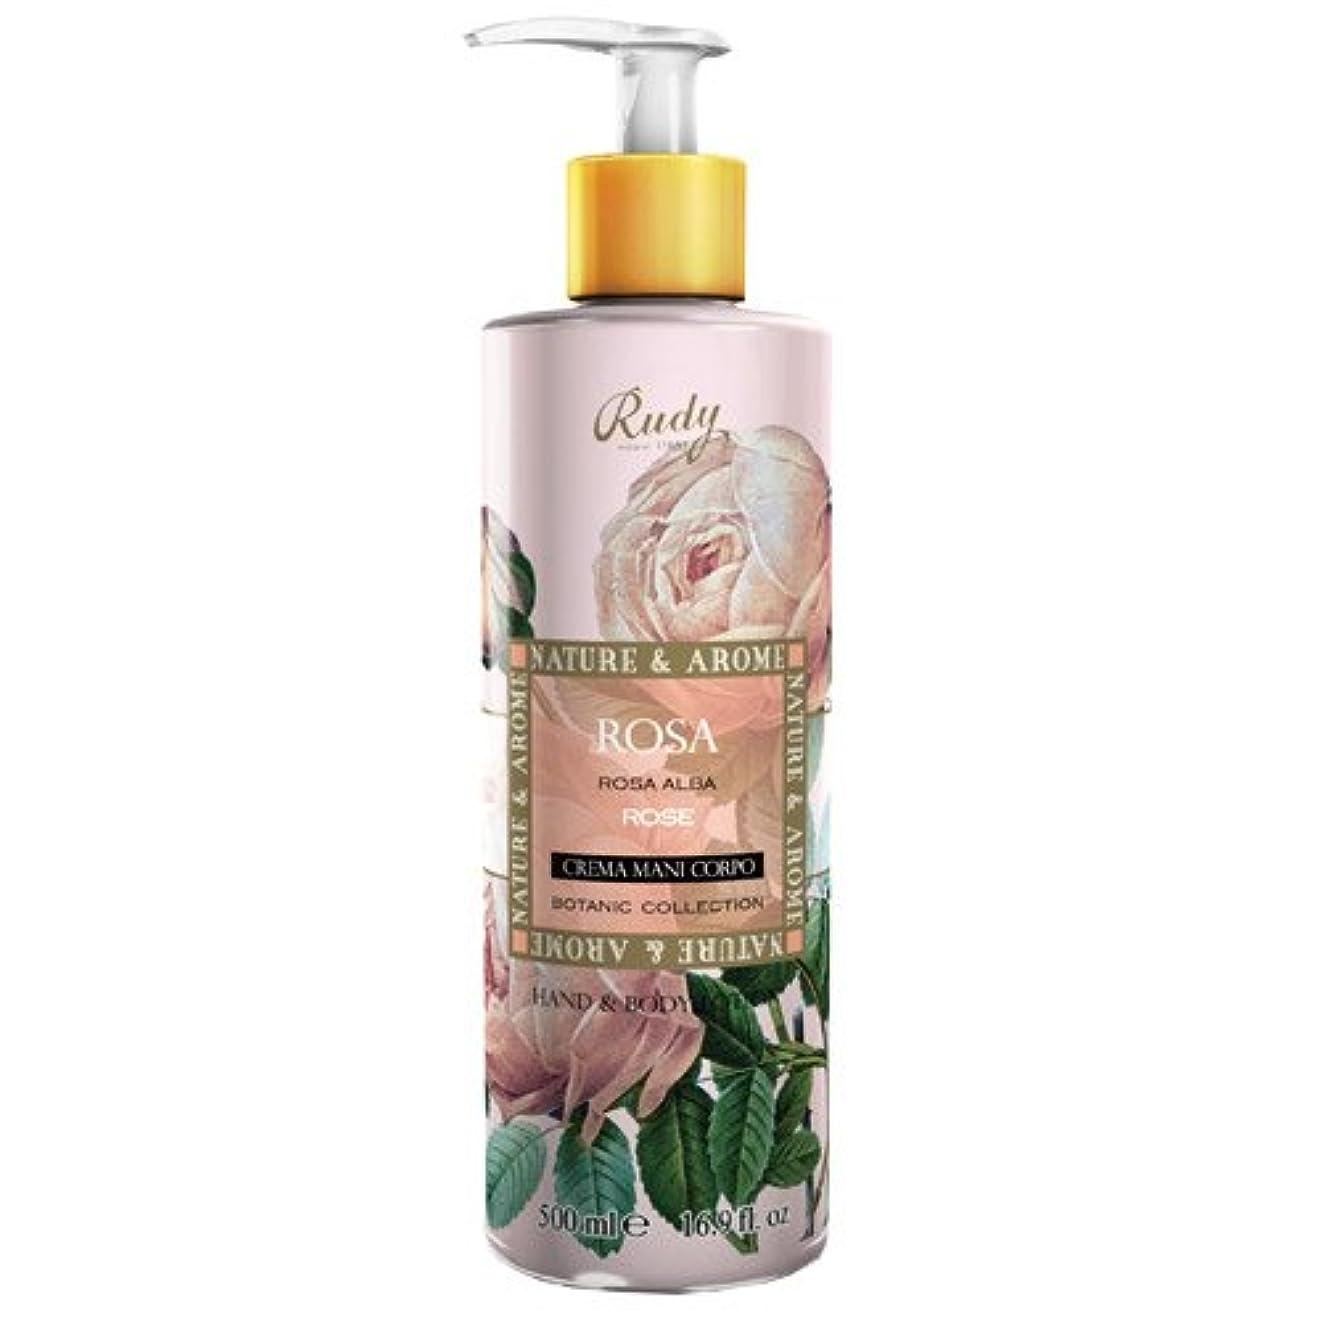 評判単なる不正確RUDY Nature&Arome SERIES ルディ ナチュール&アロマ Hand&Body lotion ハンド&ボディローション ローズ